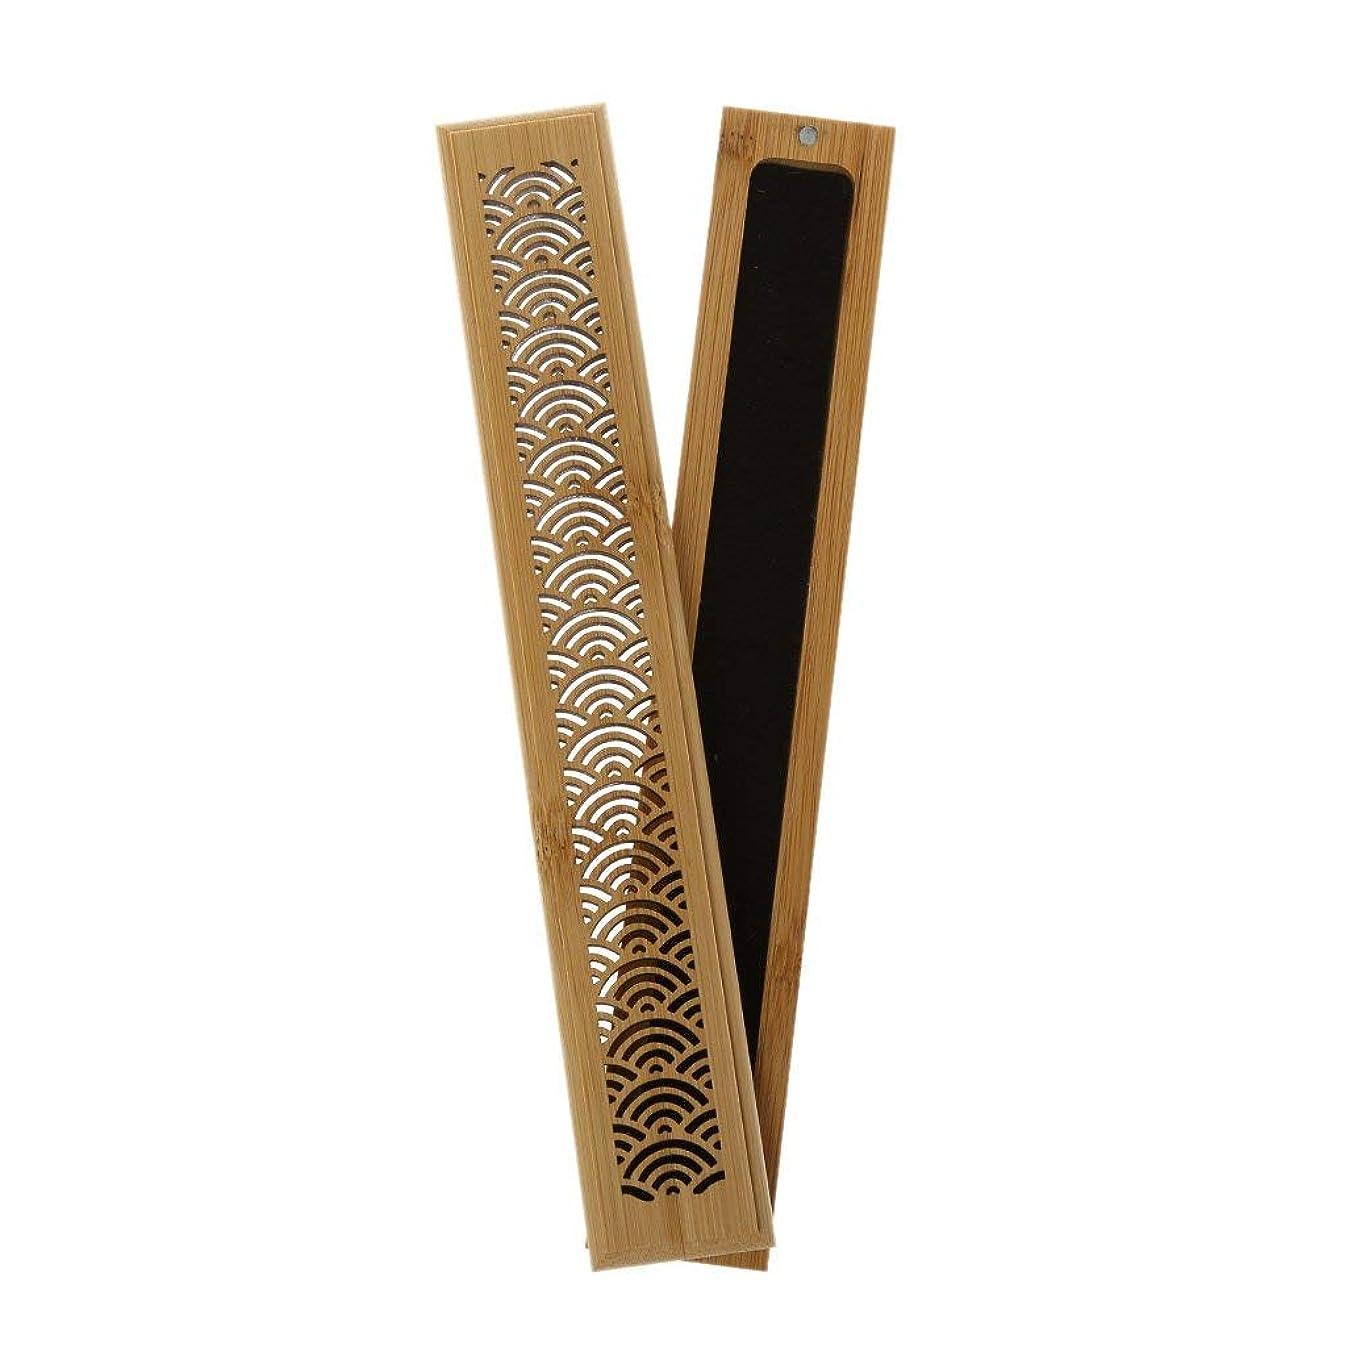 先駆者油期待してSimpleLife 竹の香炉バーナーの手彫り中空スティックボックスライジング香炉の家の装飾